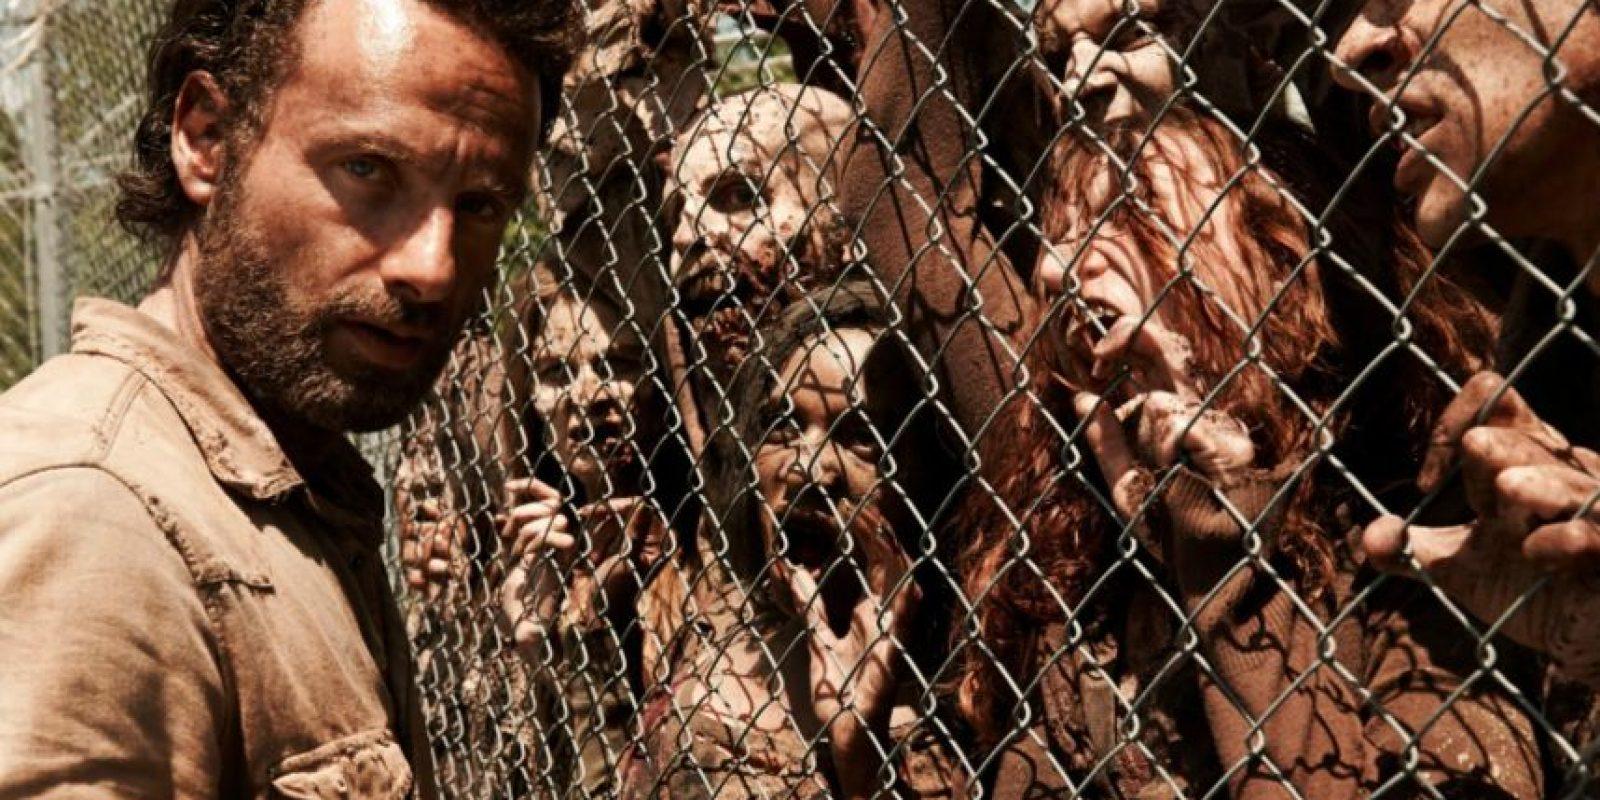 """La serie de zombies, más exitosa del canal """"AMC"""", puso a los seres infectados en el mapa, convirtiéndose en uno de los temas favoritos para películas y demás. Foto:Agencias"""